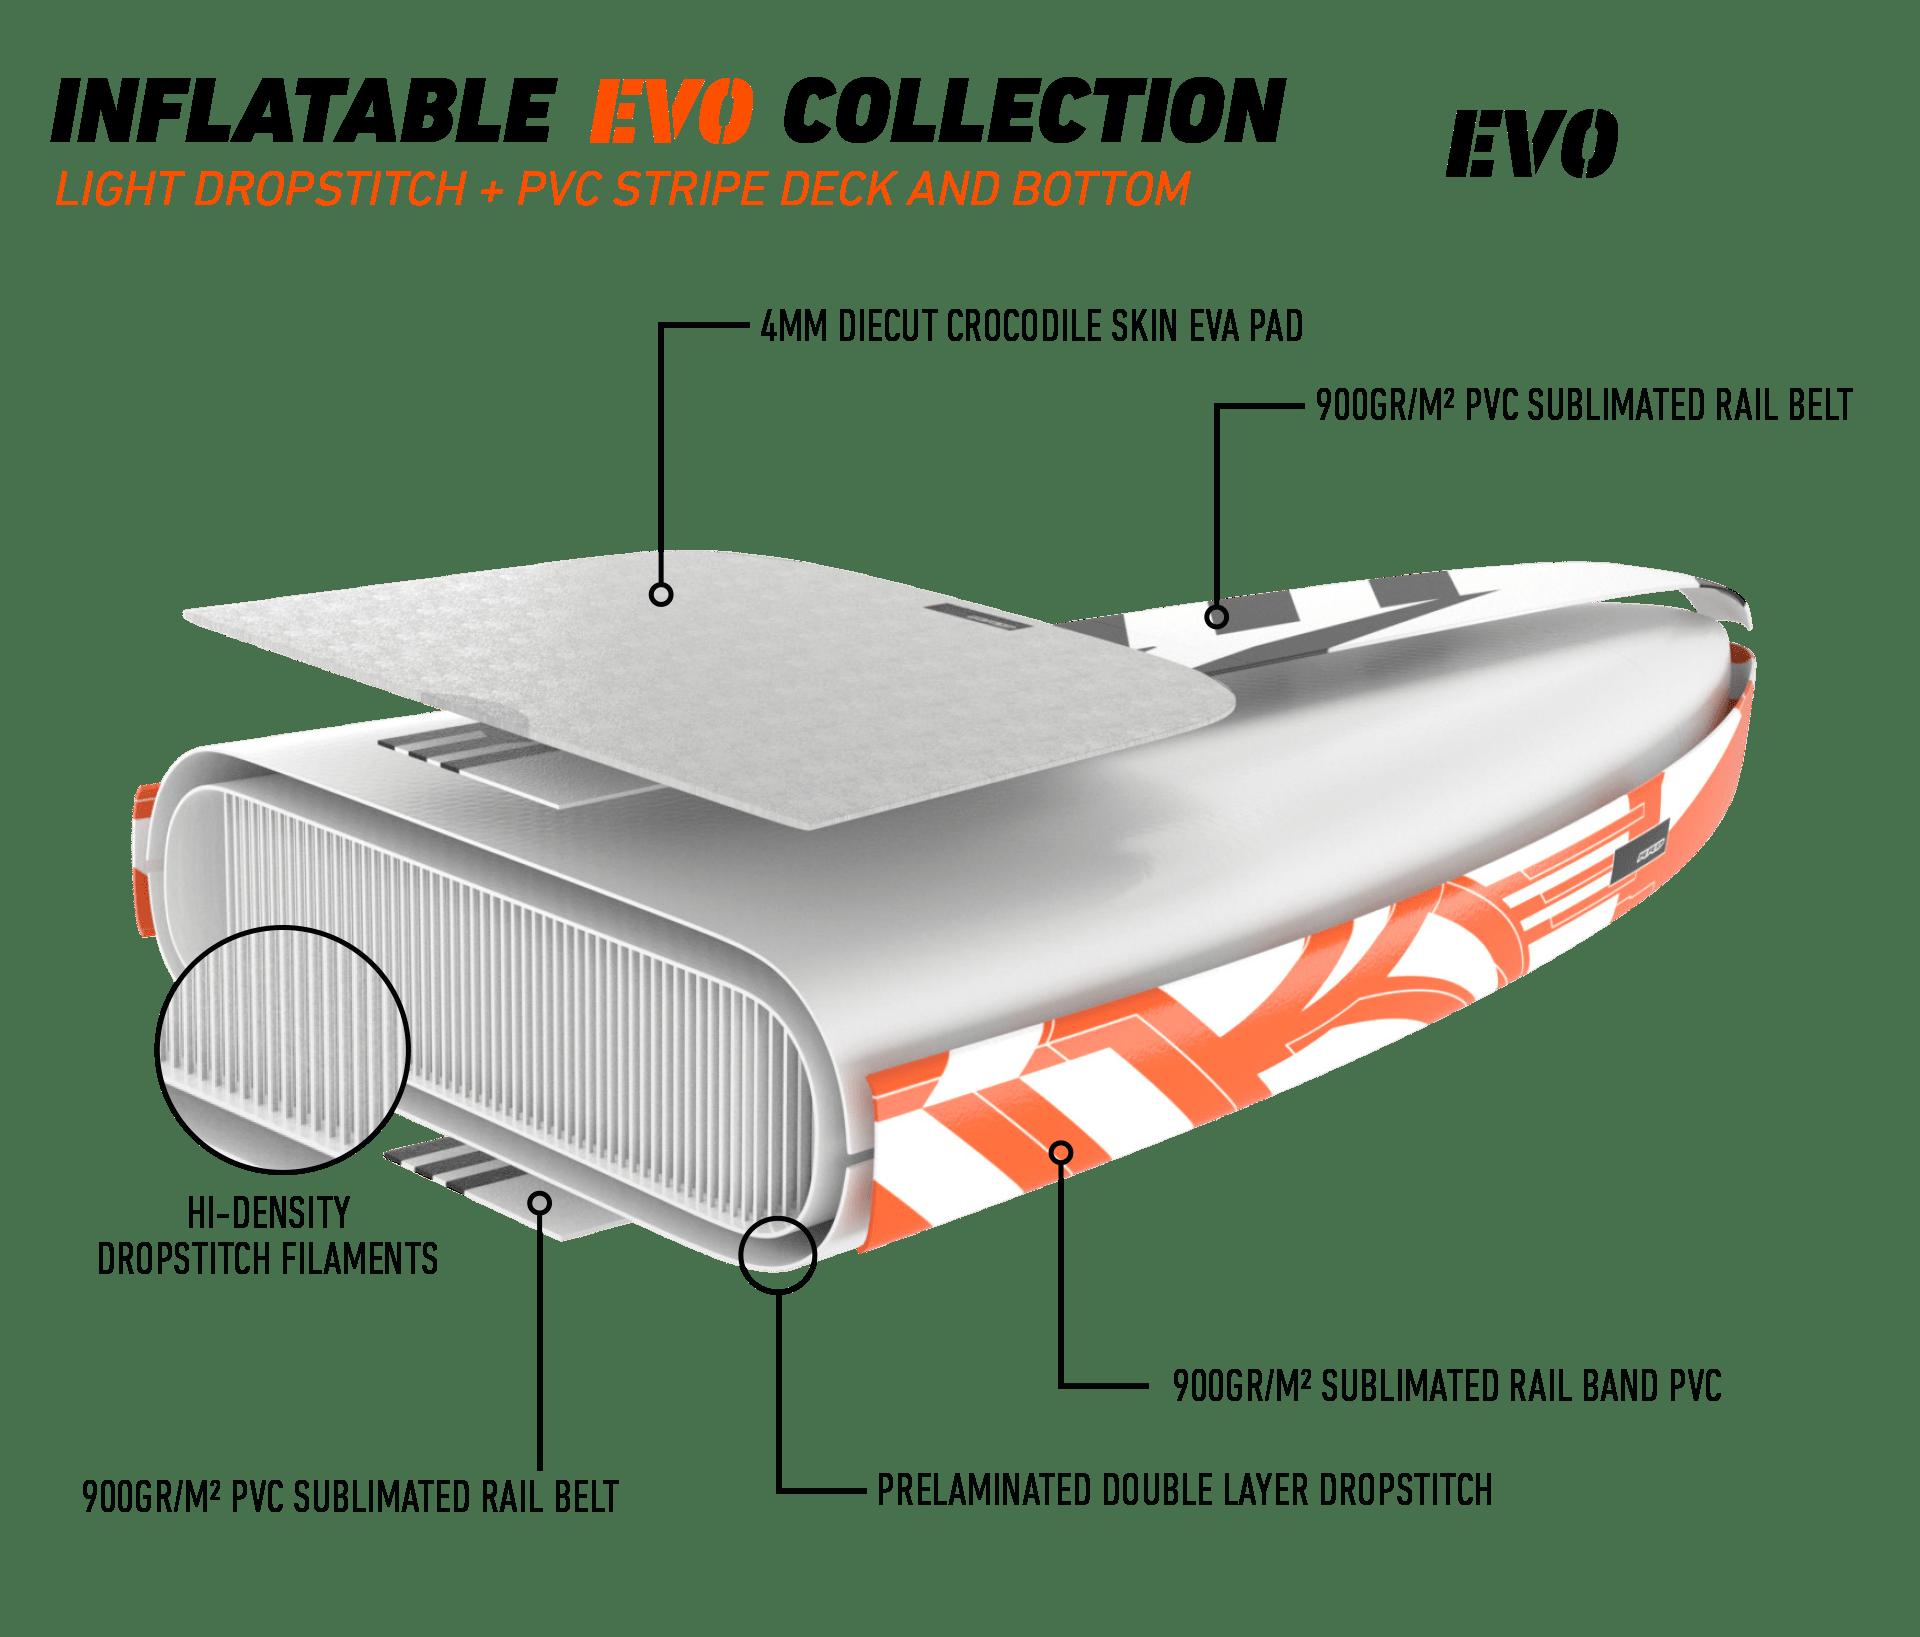 Air Evo Technologie